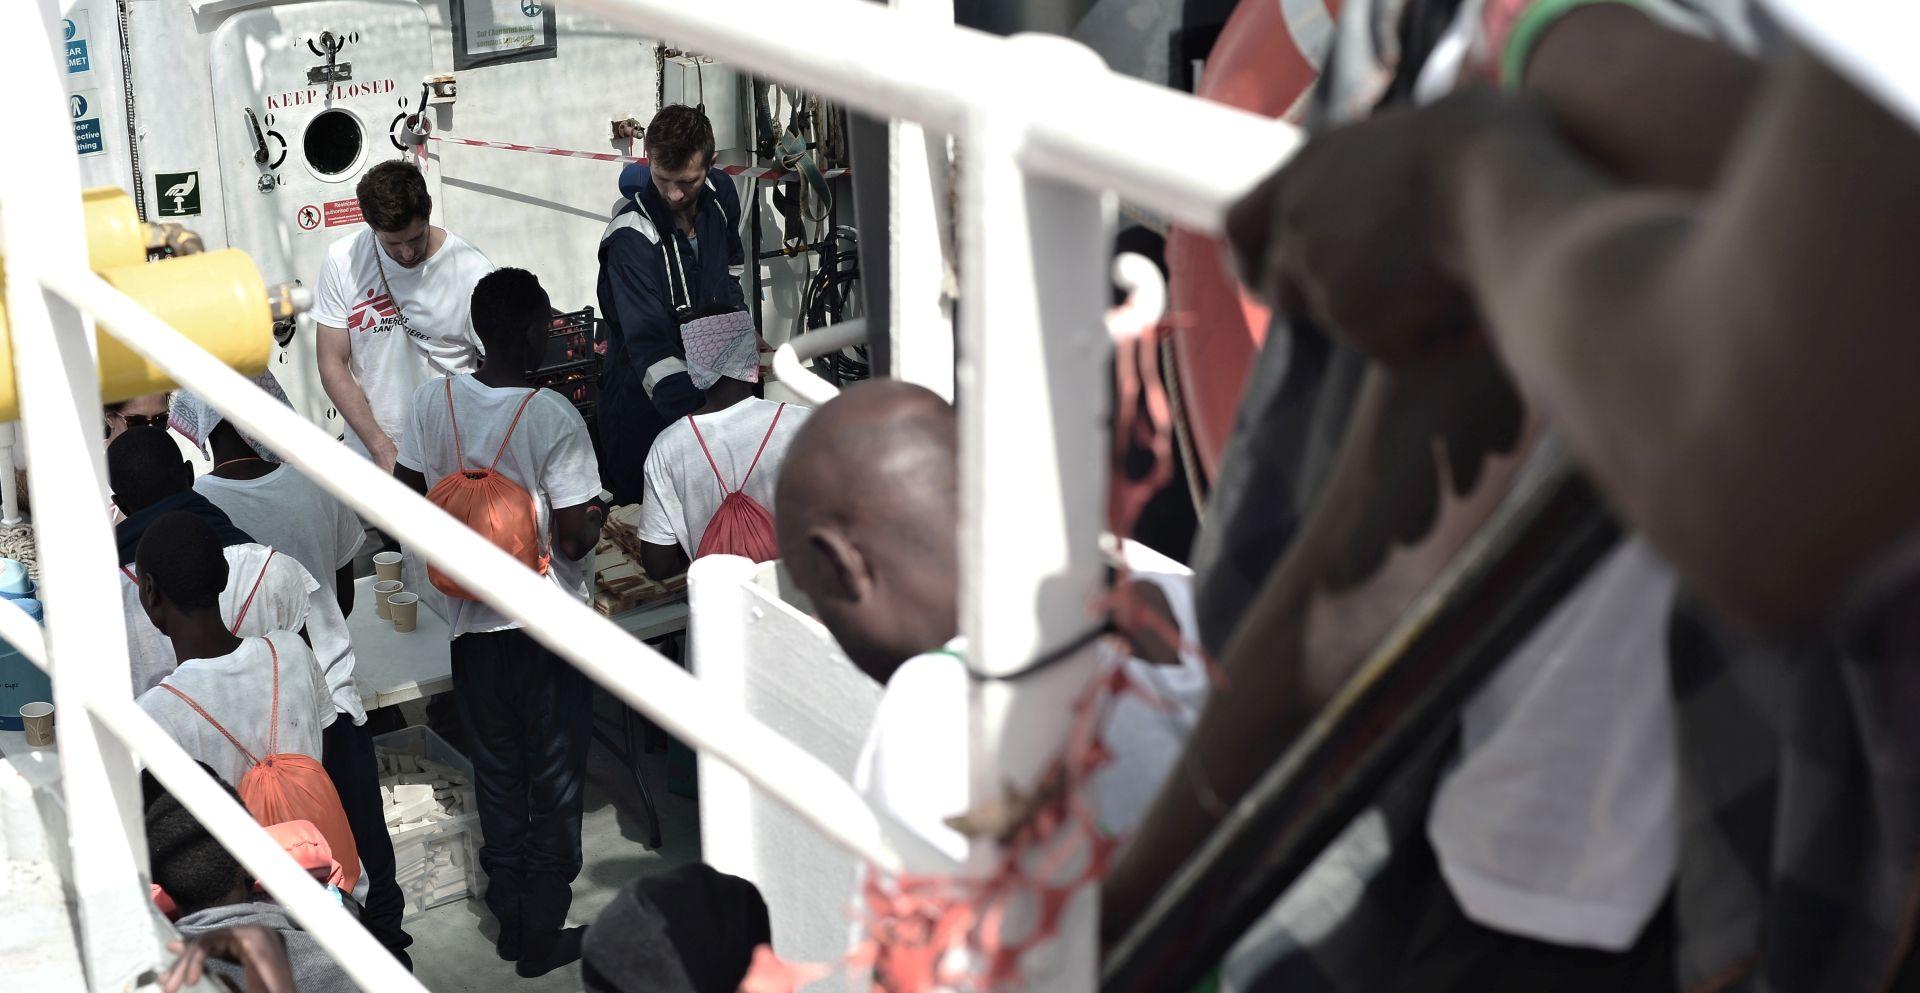 ITALIJA NE ODSTUPA 'Migrantski brod ne može pristati u našu luku'